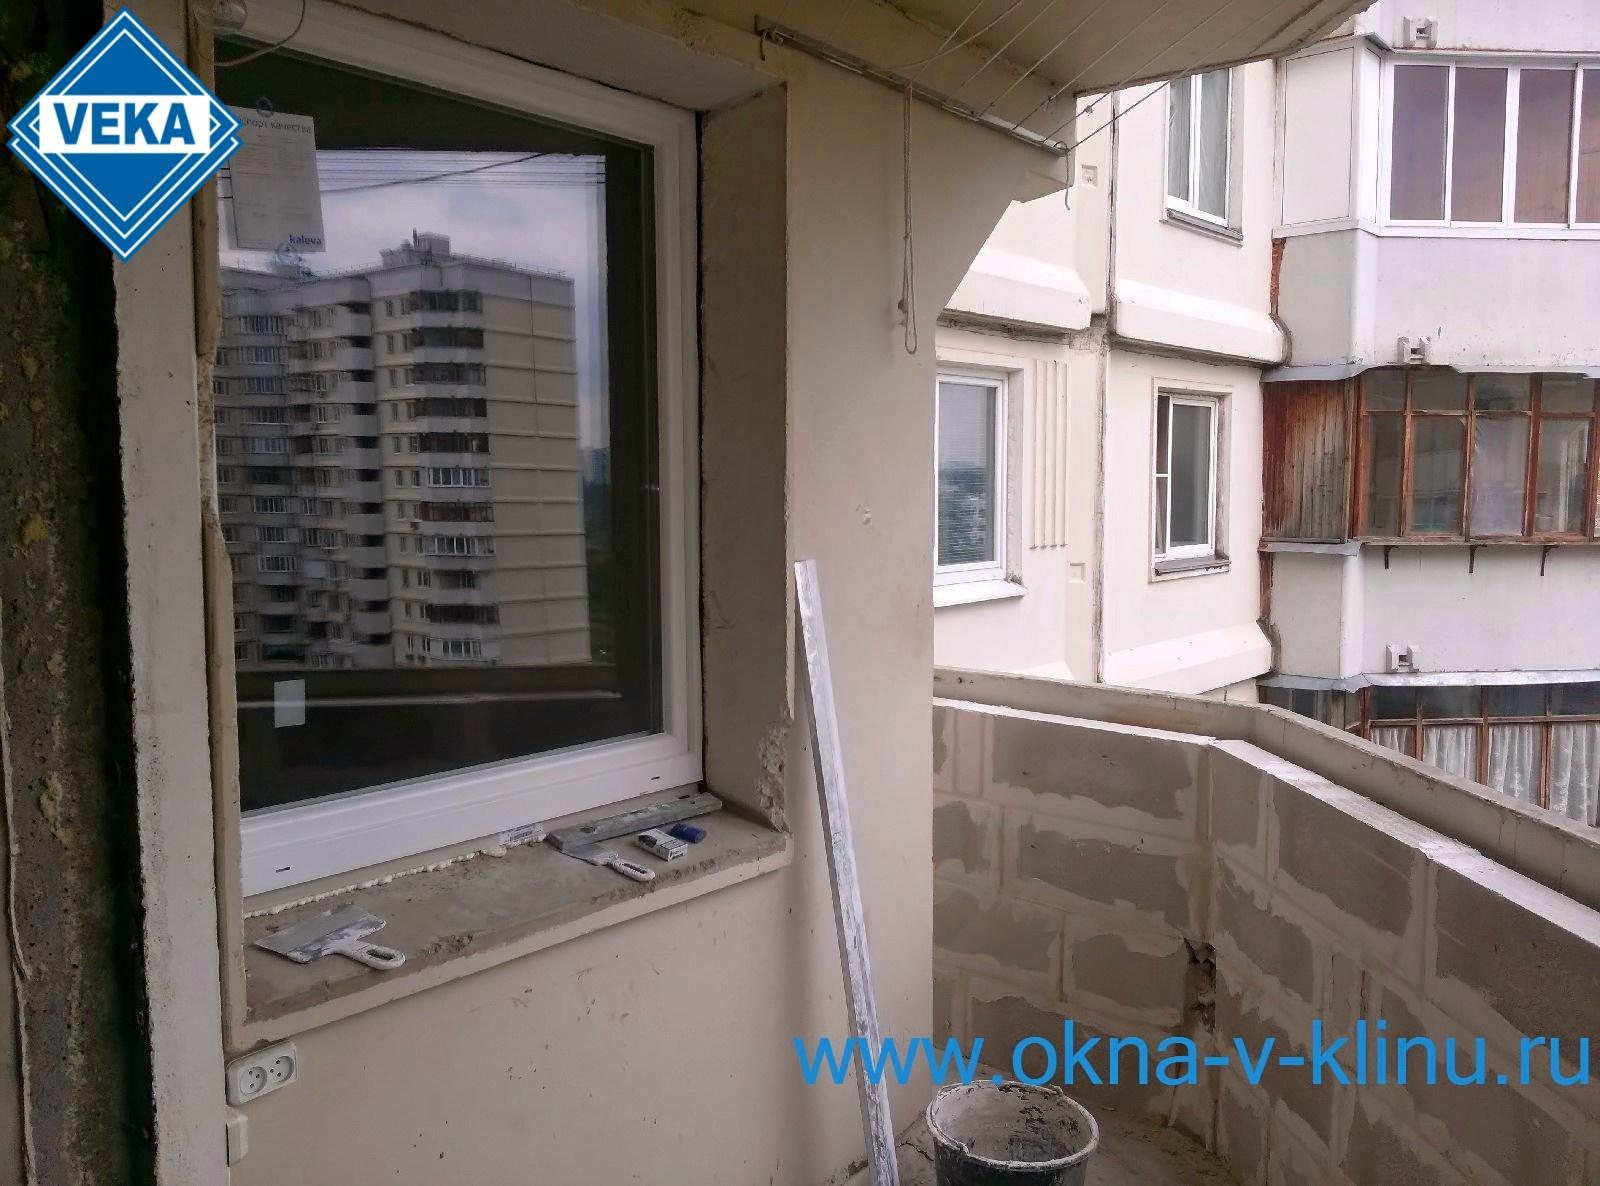 Теплое остекление квартиры и лоджии в москве.